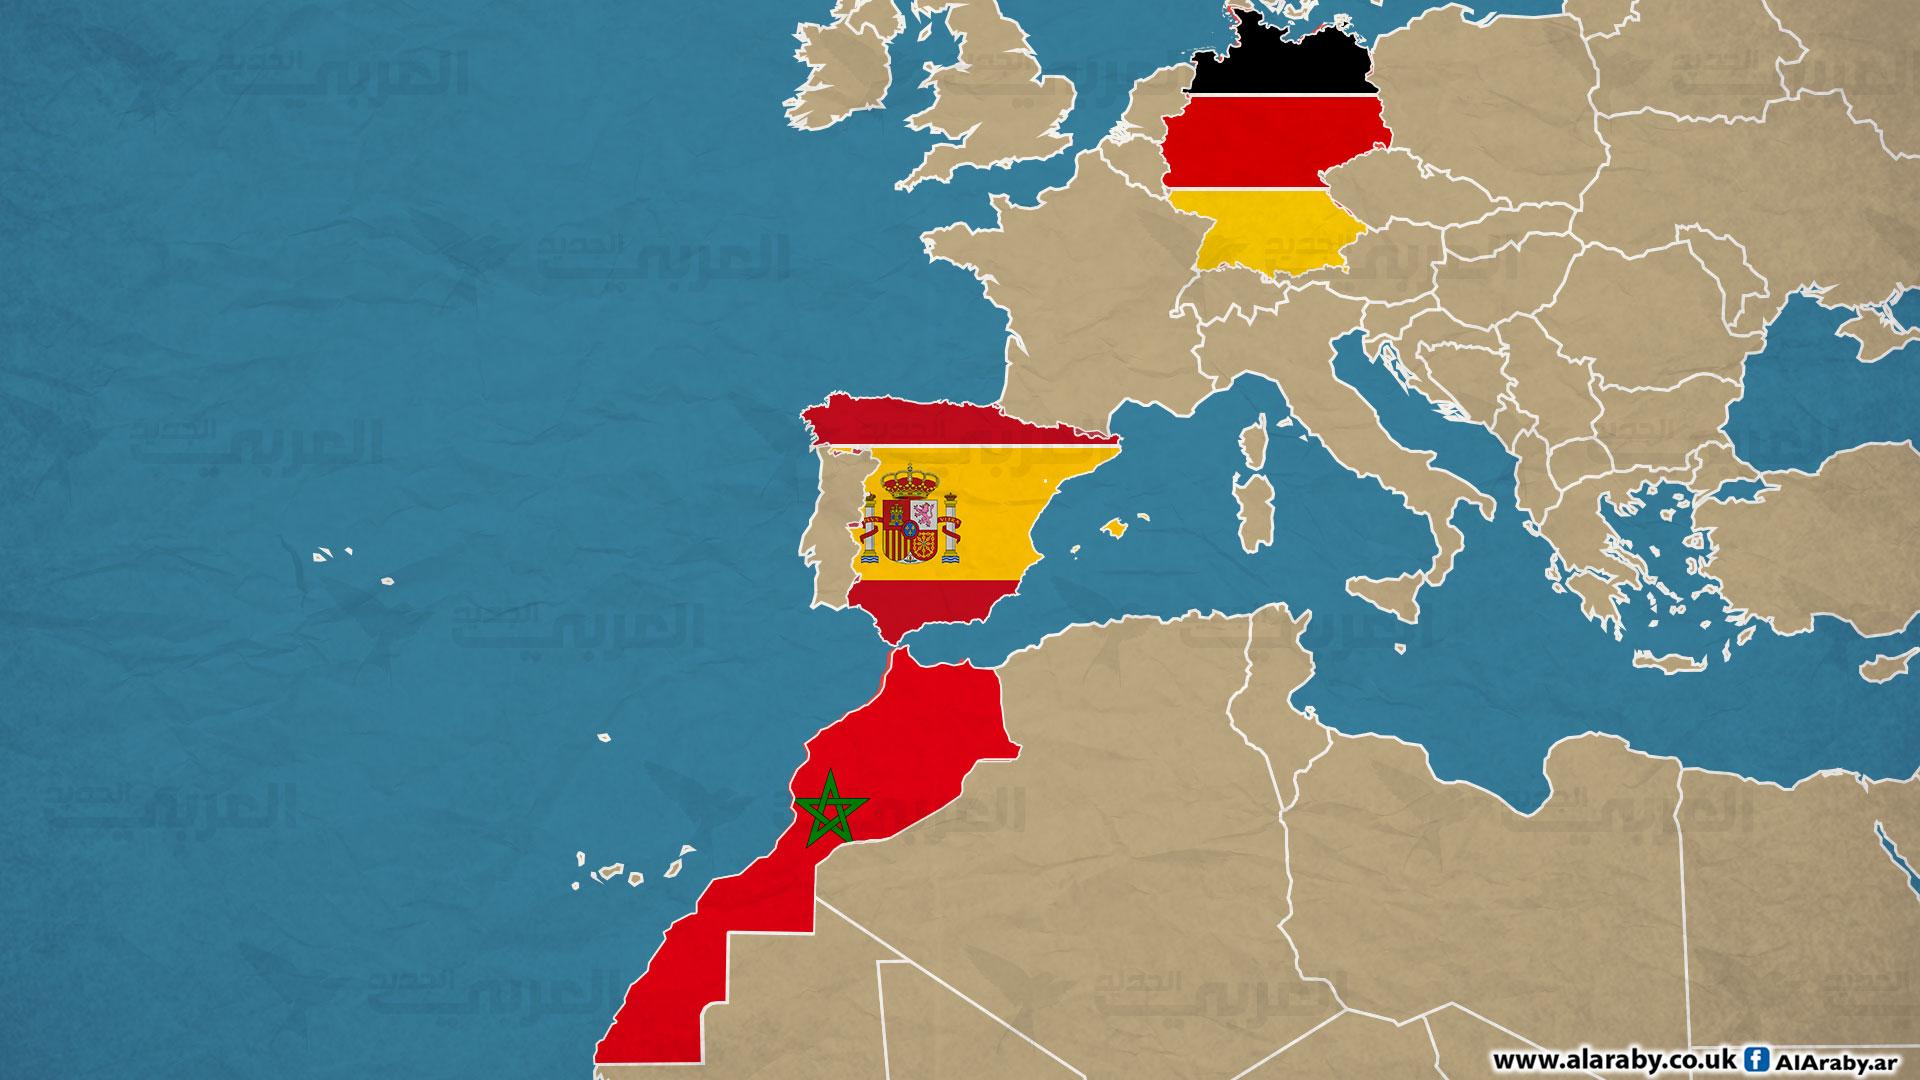 الاتحاد الأوروبي يدخل على خط توتر العلاقات الدبلوماسية بين المغرب مع إسبانيا وألمانيا